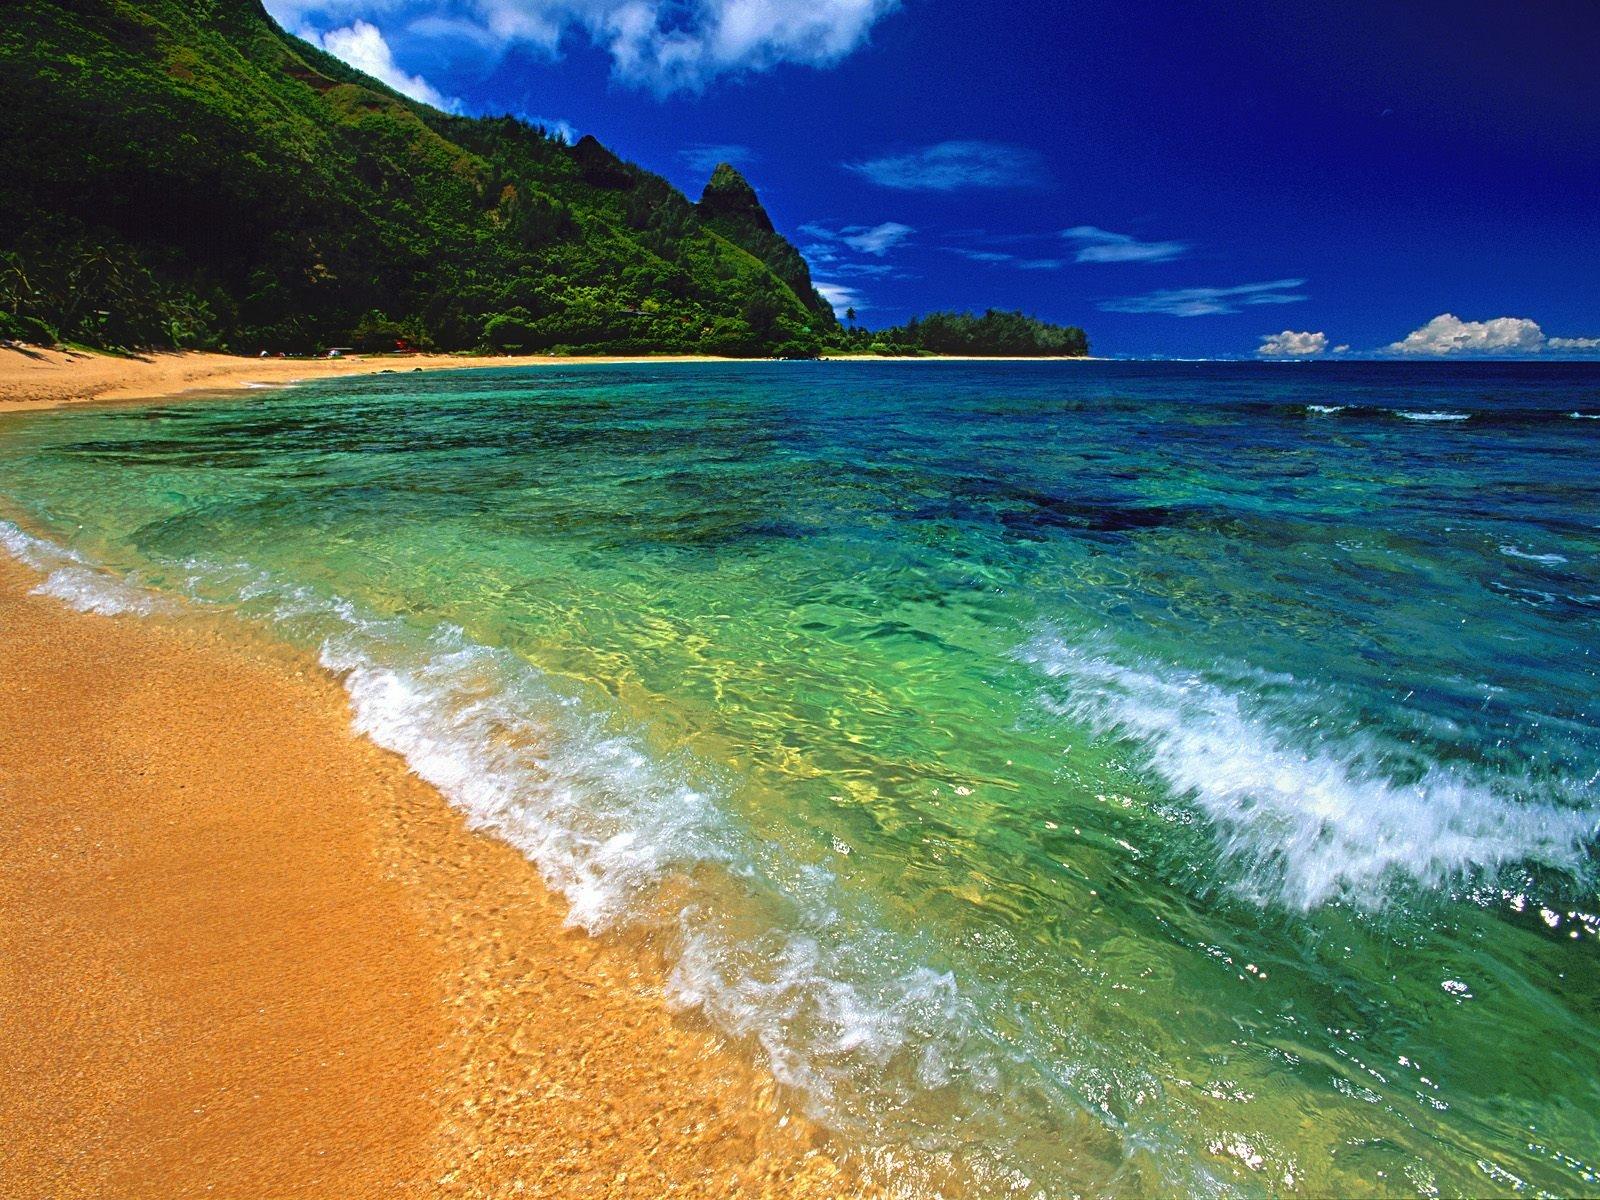 Пляж и залив без смс